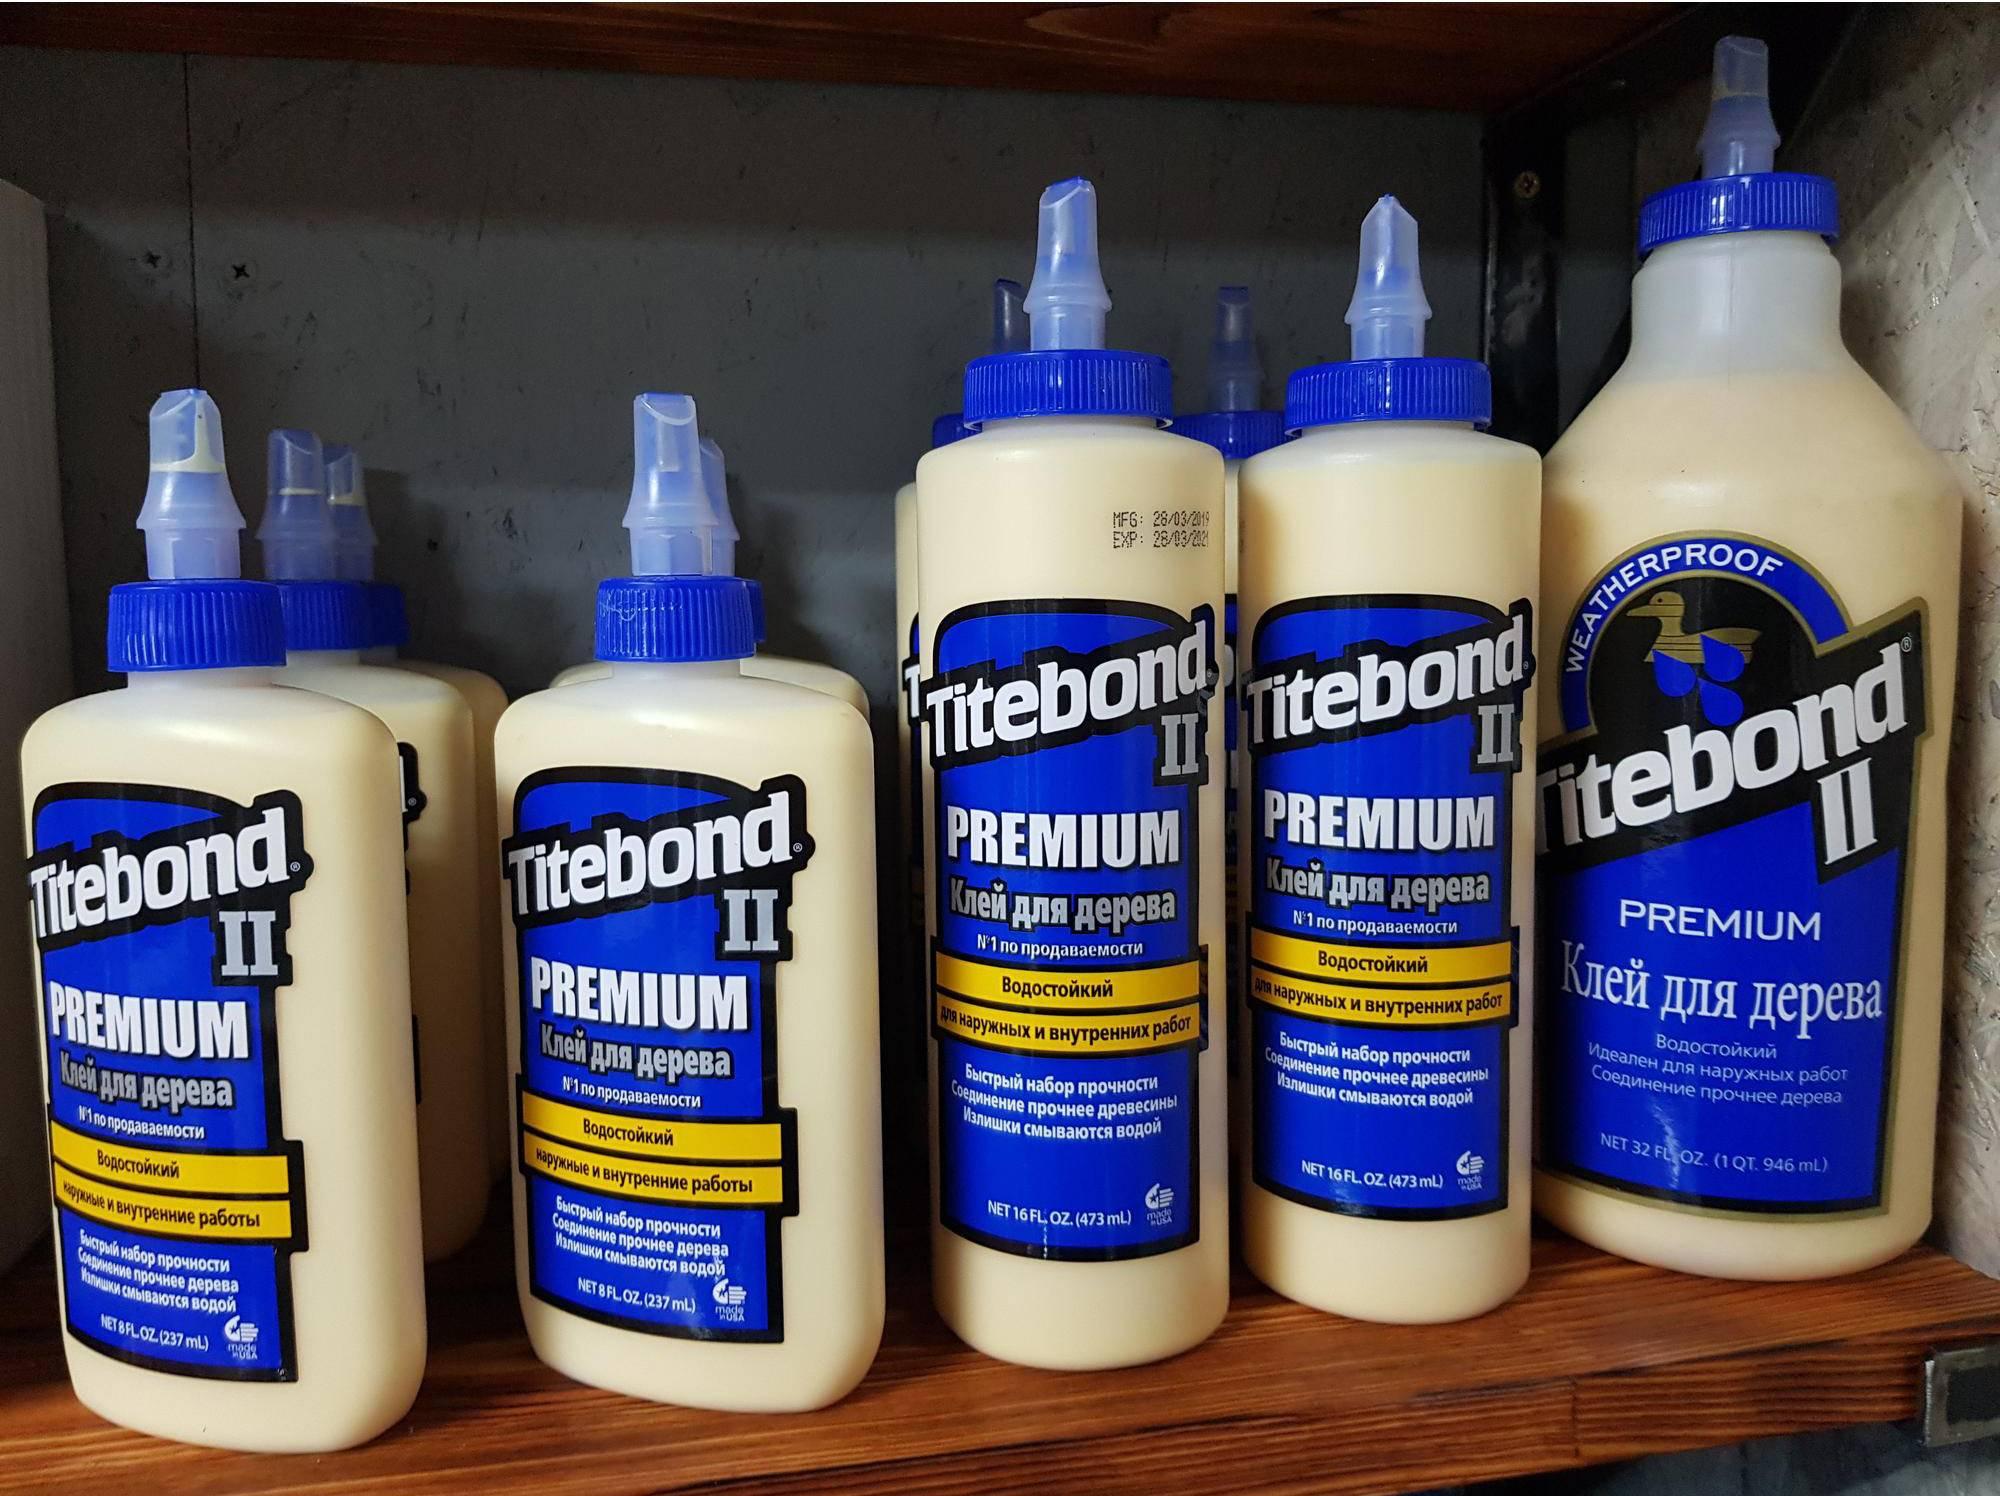 Titebond solvent free cove base— синяя туба (без растворителей) - titebond - монтажные клеи, герметики. промышленные клеи для дерева.